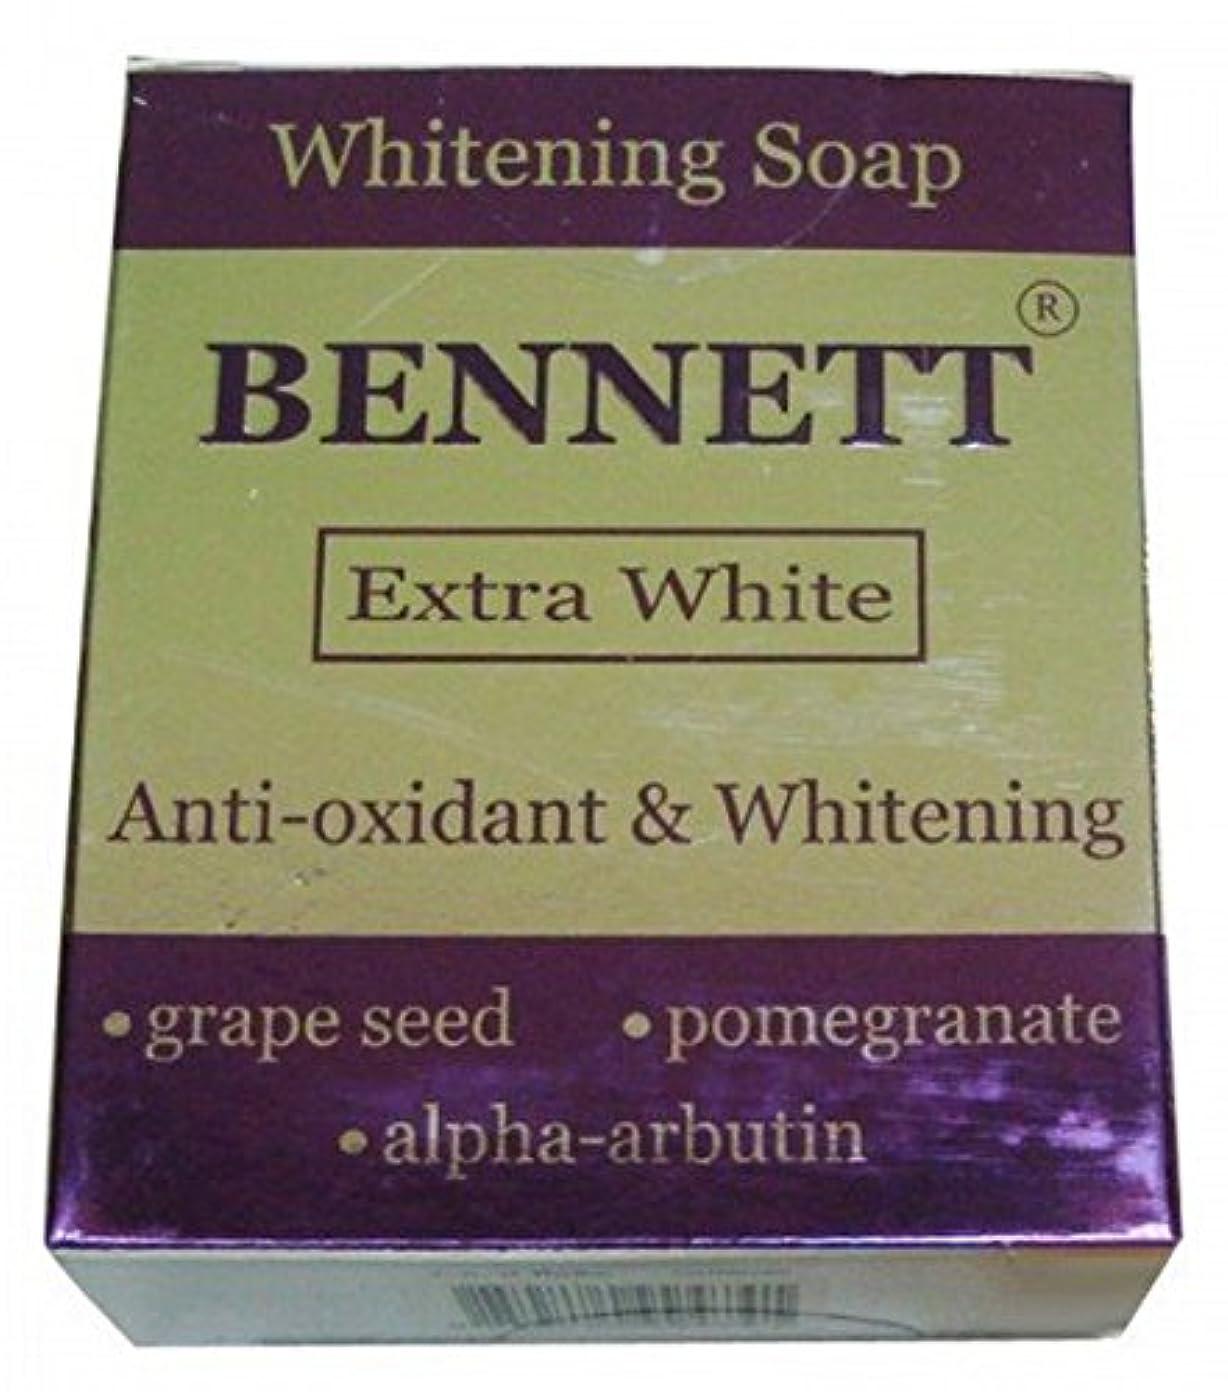 報奨金うなり声大学生新しいBennett Extraホワイトanti-oxidantアルファアルブチンExtreme Whitening Soap 130 g / 4.6oz